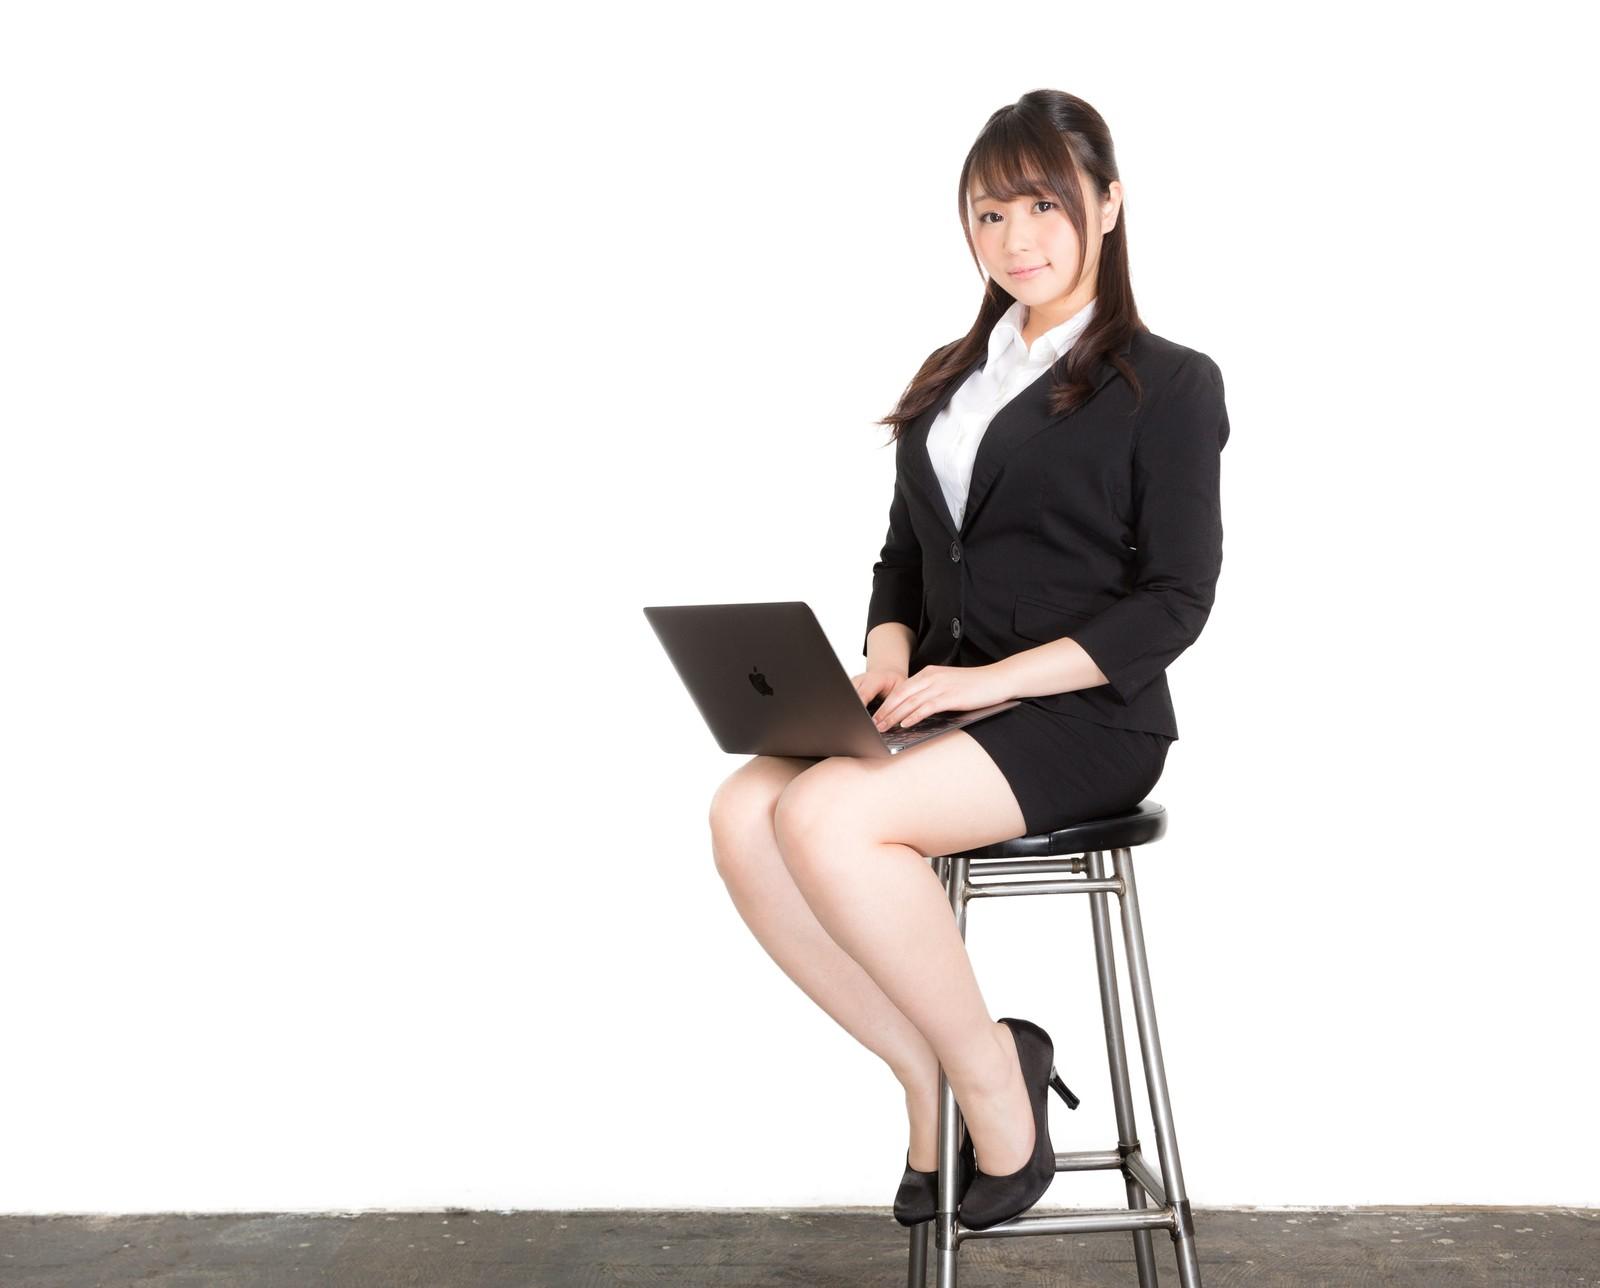 想到日本企業求職時,絕對要注意的一大重點/日本企業への就活を始める時に絶対気をつけるべき1つのポイント